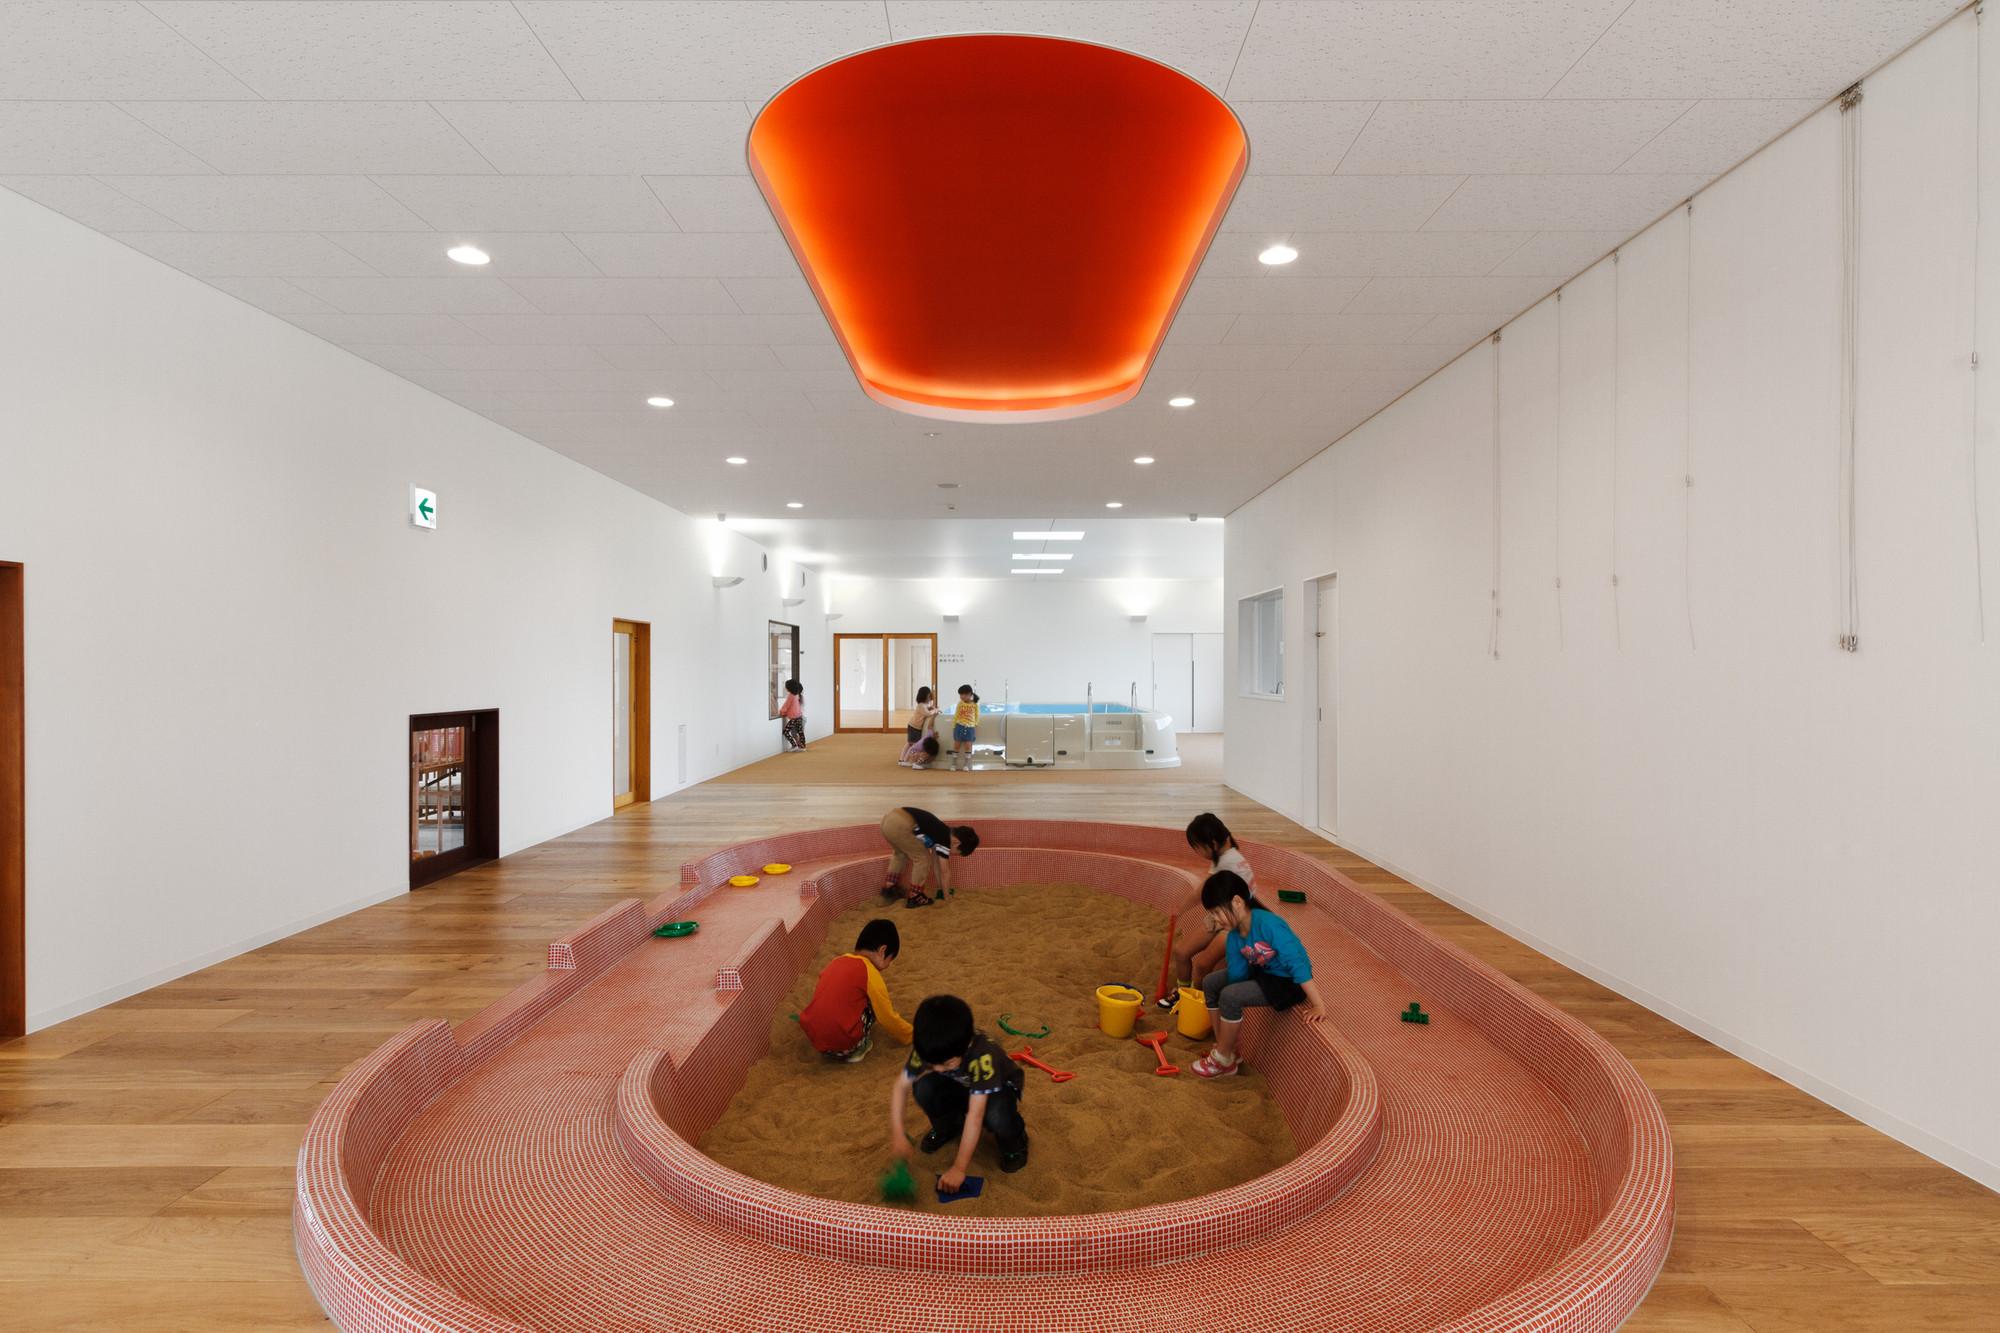 Guardería Infantil SP / HIBINOSEKKEI + Youji no Shiro, © Studio Bauhaus, Ryuji Inoue